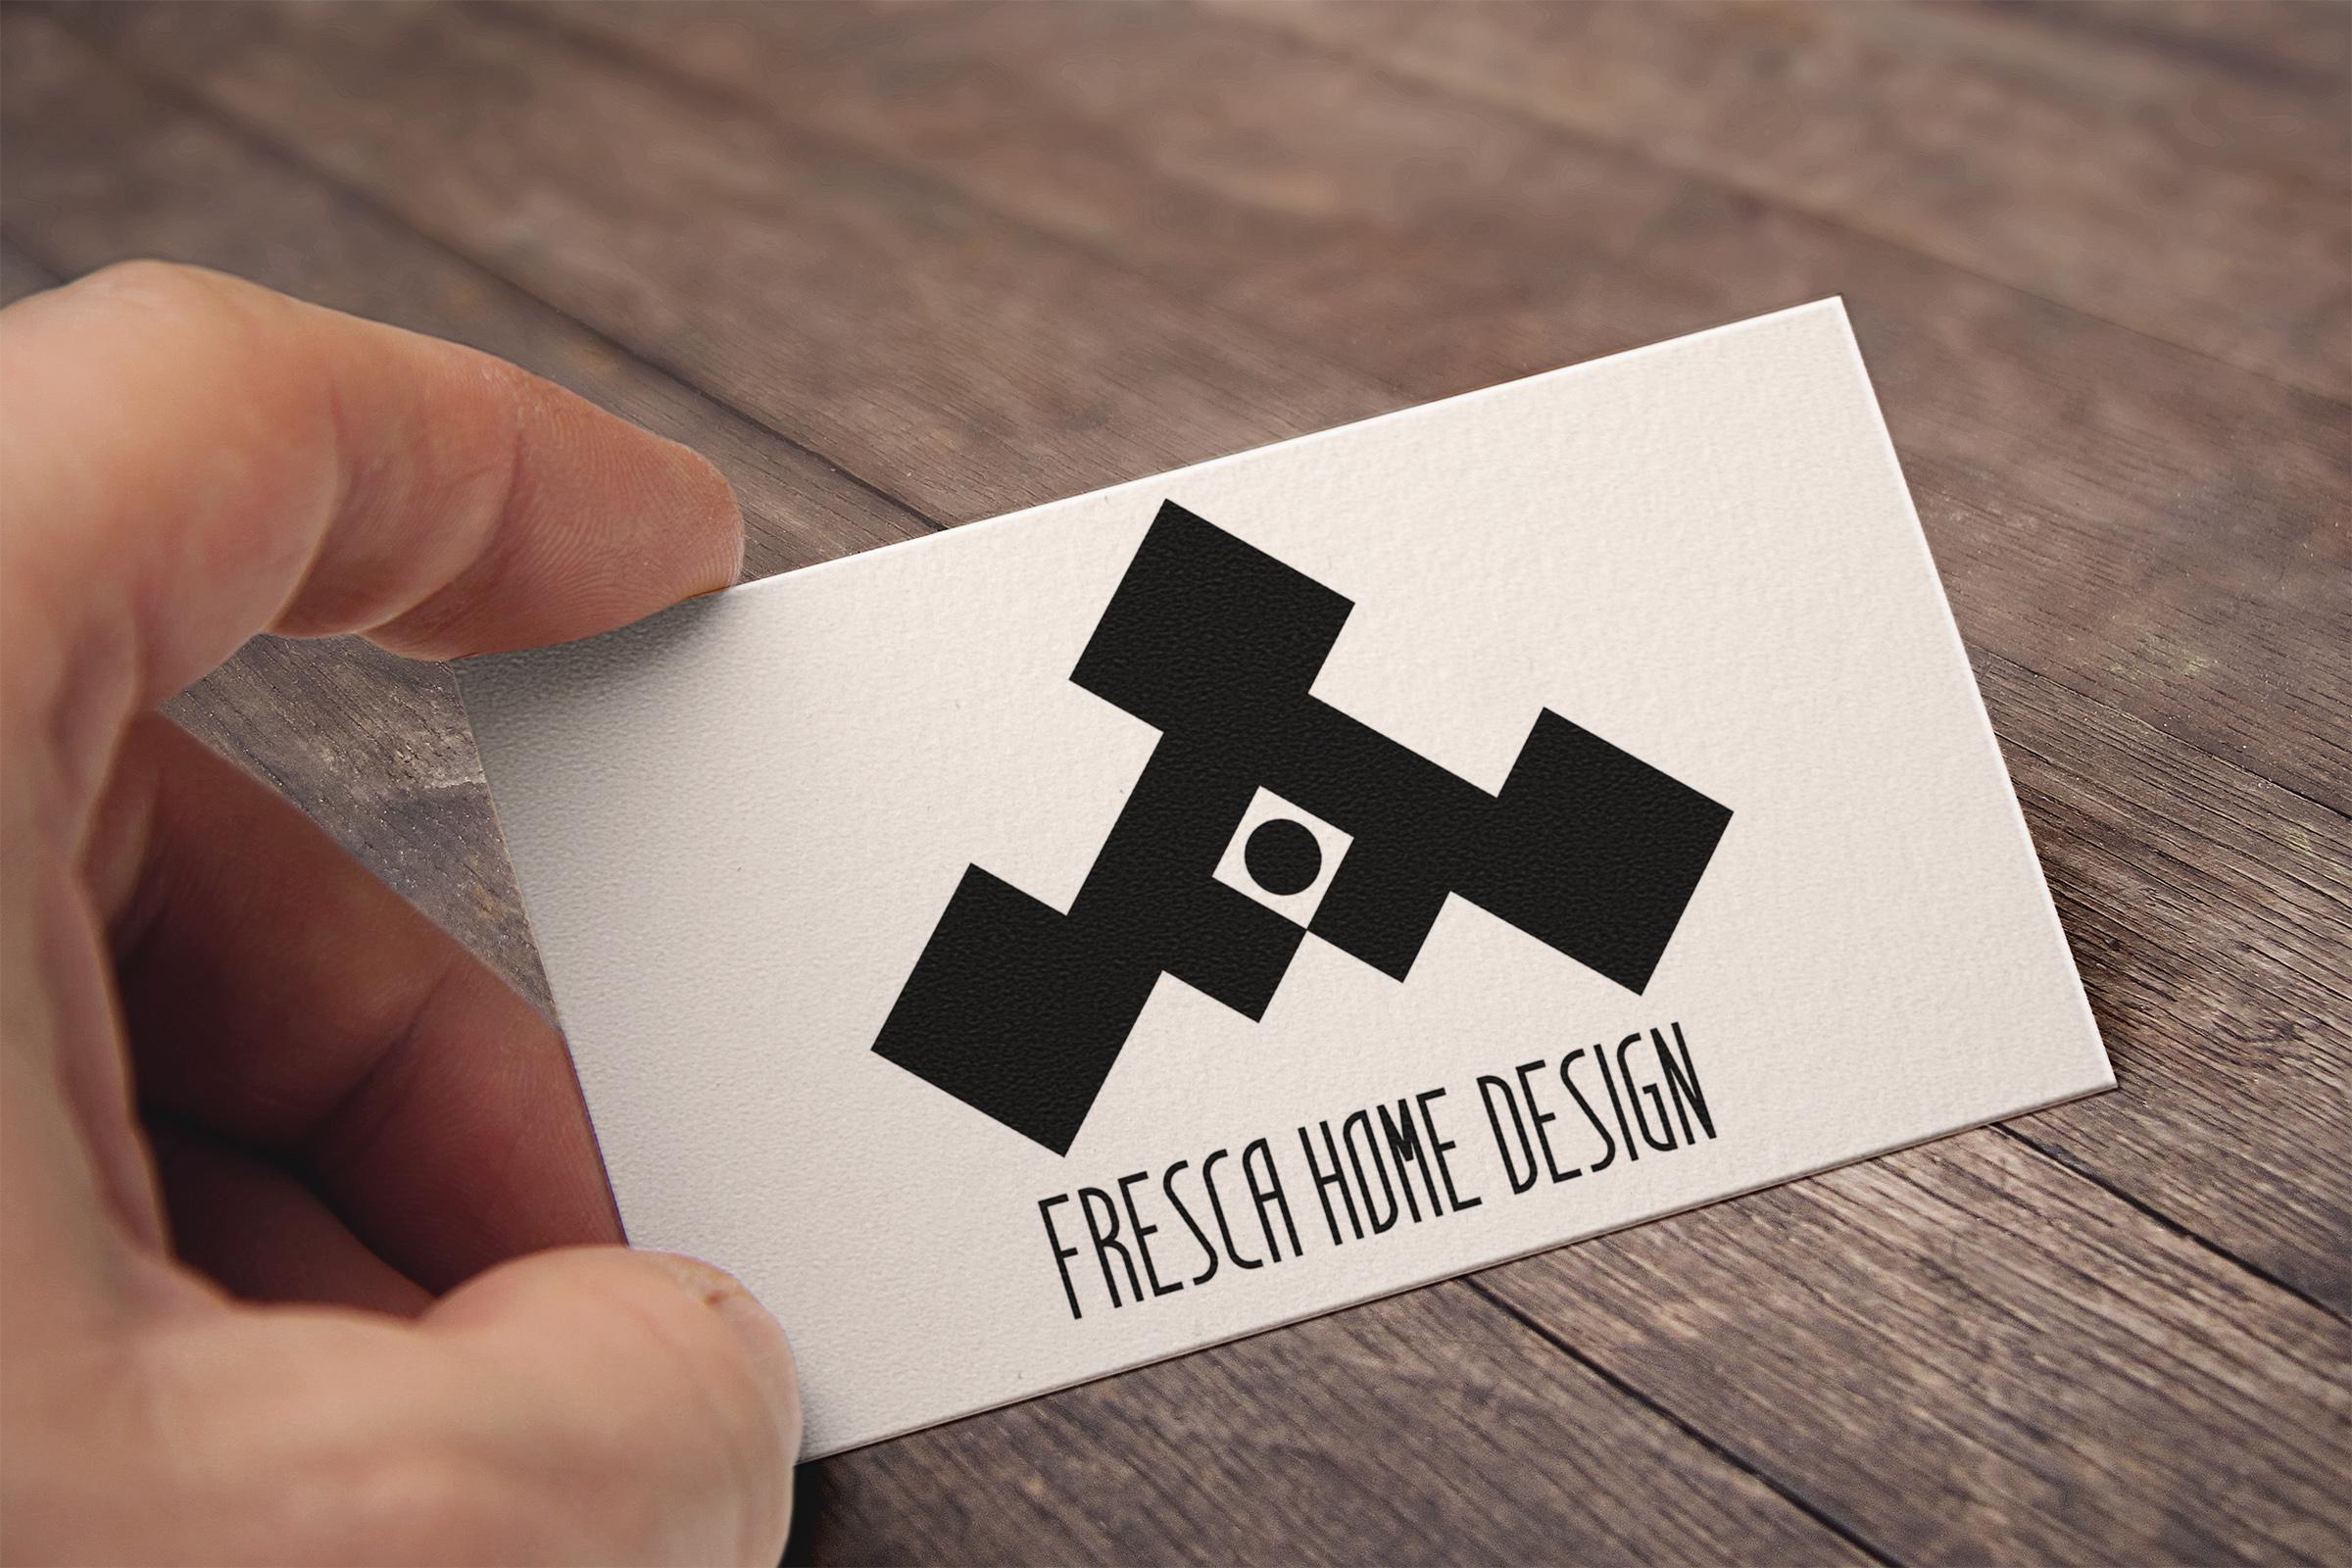 Разработка логотипа и фирменного стиля  фото f_6335a9f8d3ce9ce9.jpg